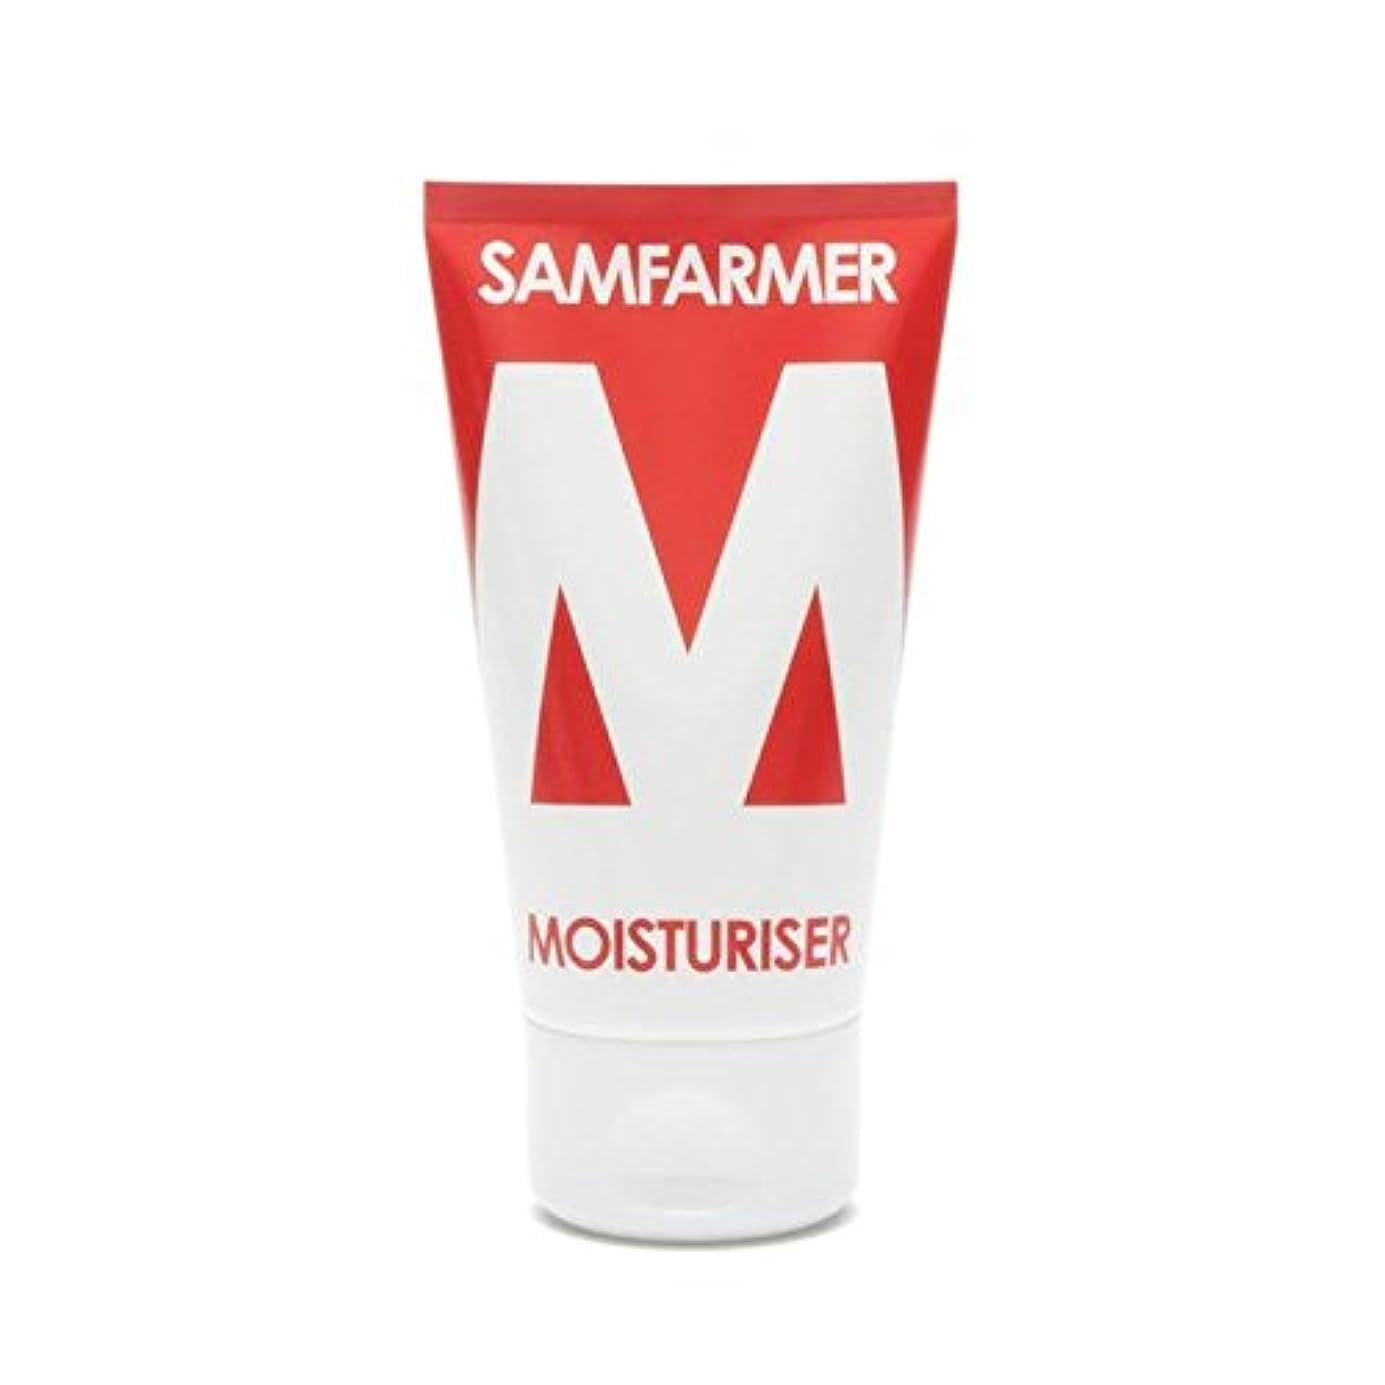 覚醒歯科医要件ユニセックス保湿50ミリリットル x4 - SAMFARMER Unisex Moisturiser 50ml (Pack of 4) [並行輸入品]